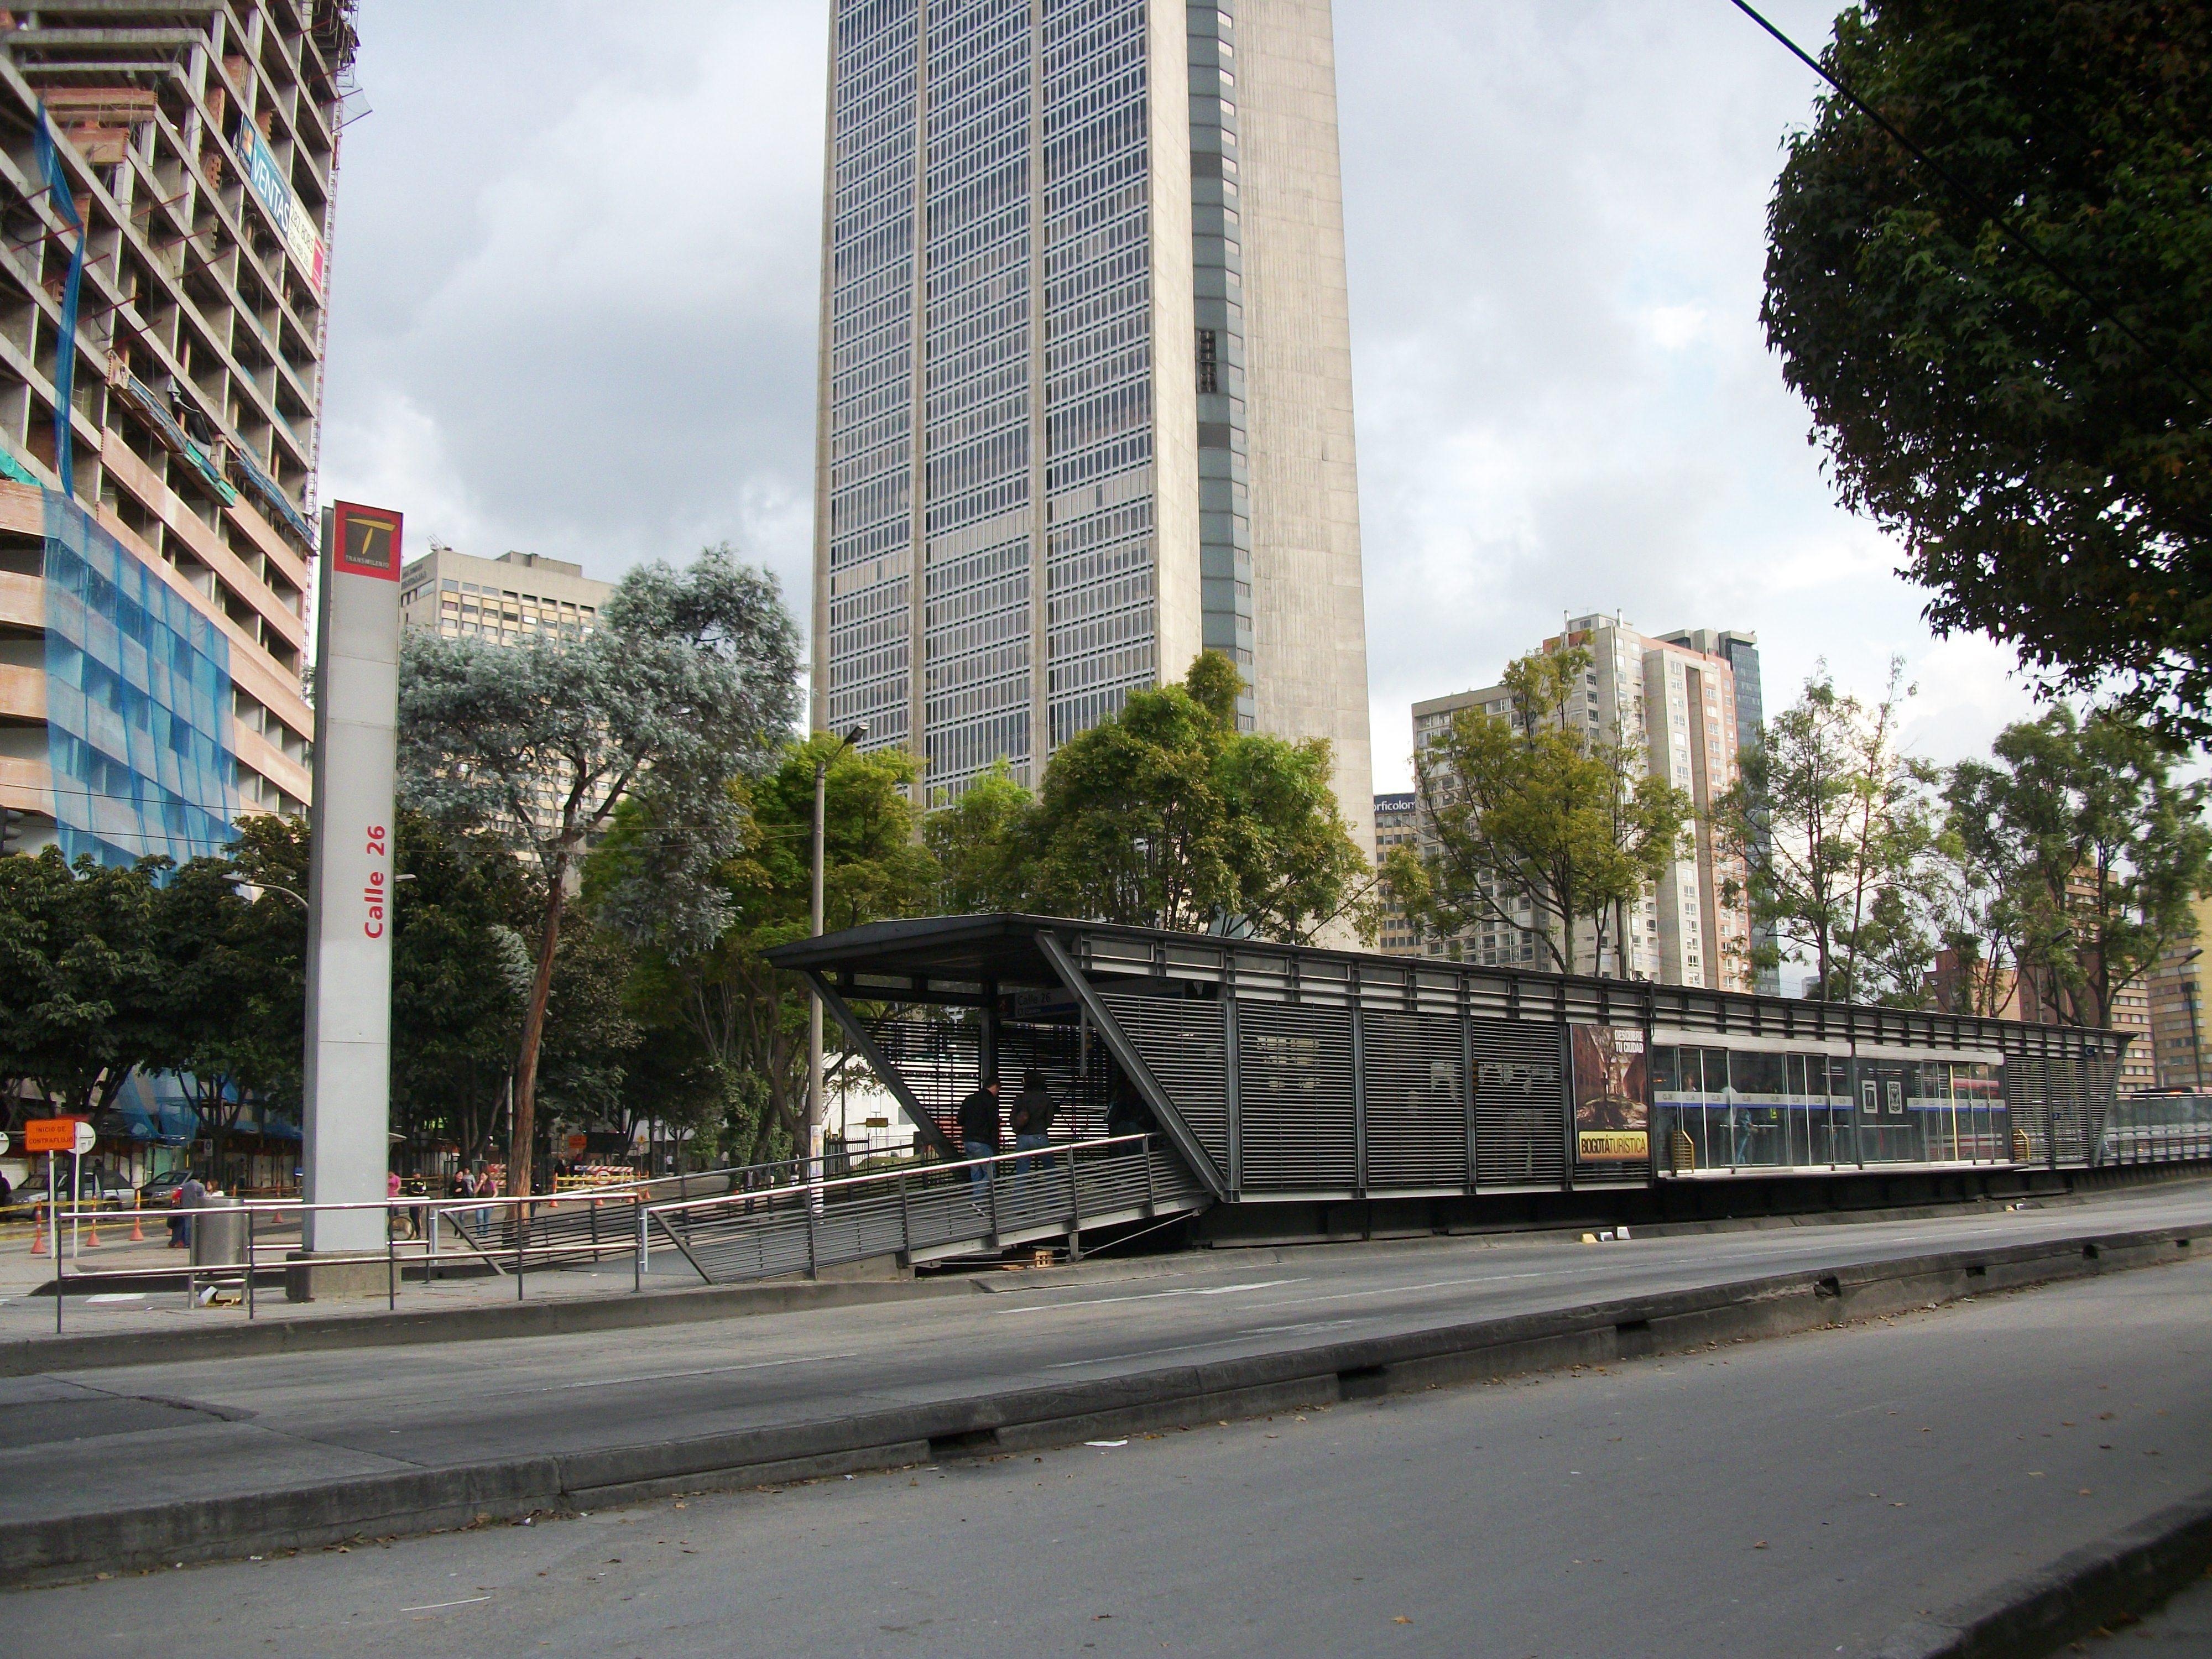 Calle 26 Transmilenio Wikipedia